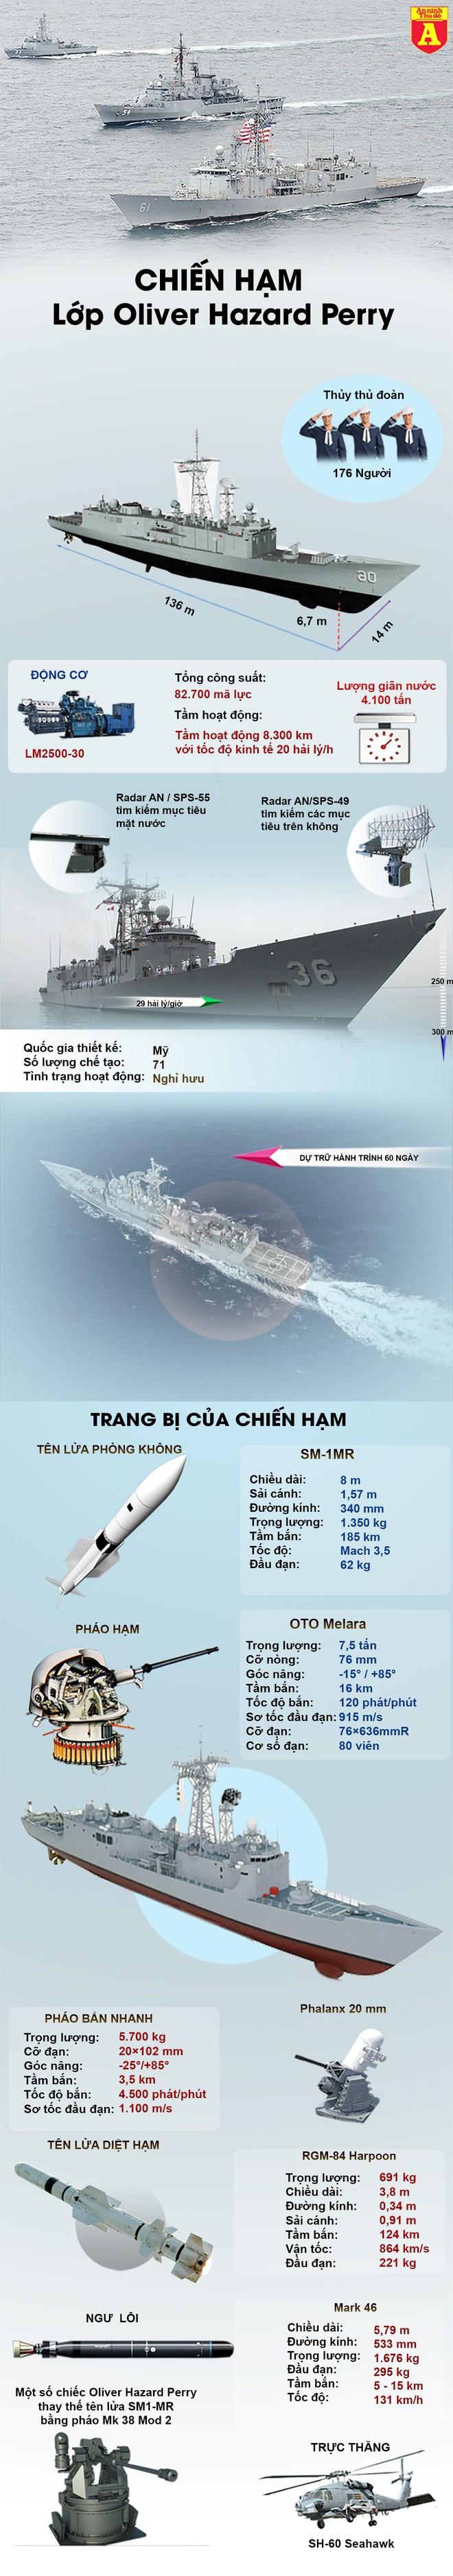 [info] Mỹ bán chiến hạm loại biên giá 150 triệu USD, đắt liệu có 'xắt ra miếng'? ảnh 2